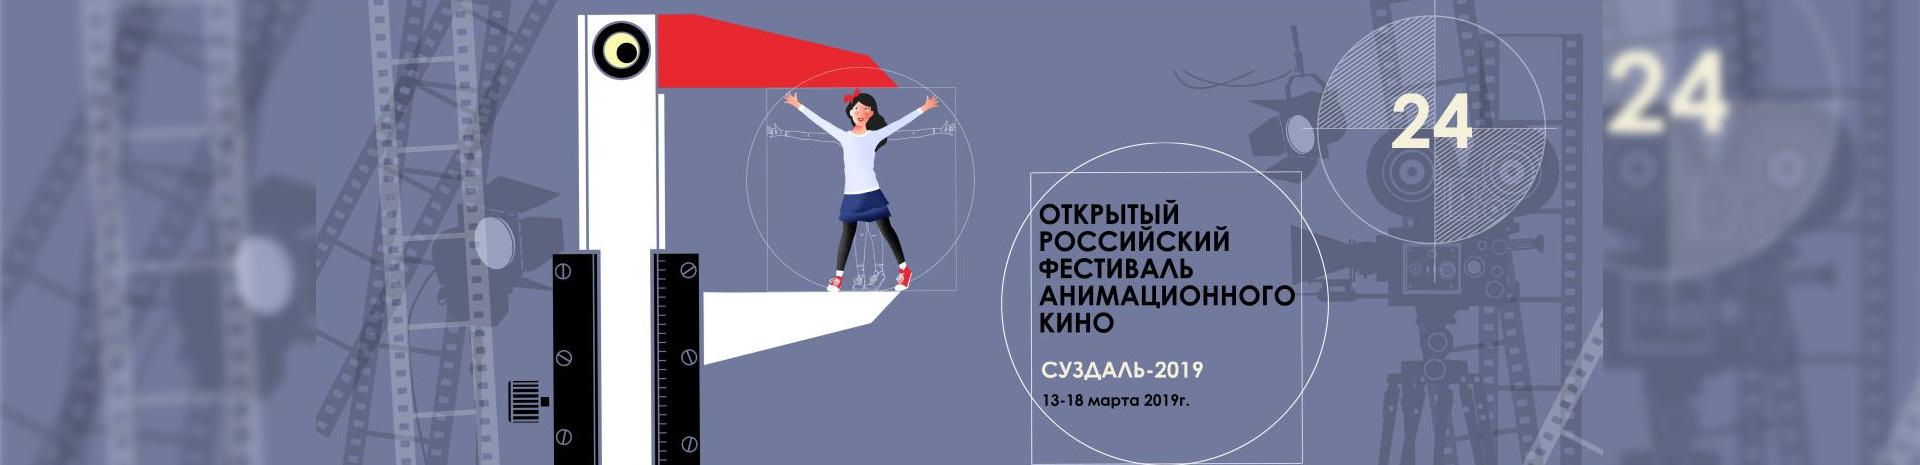 Плакат фестиваля 2019